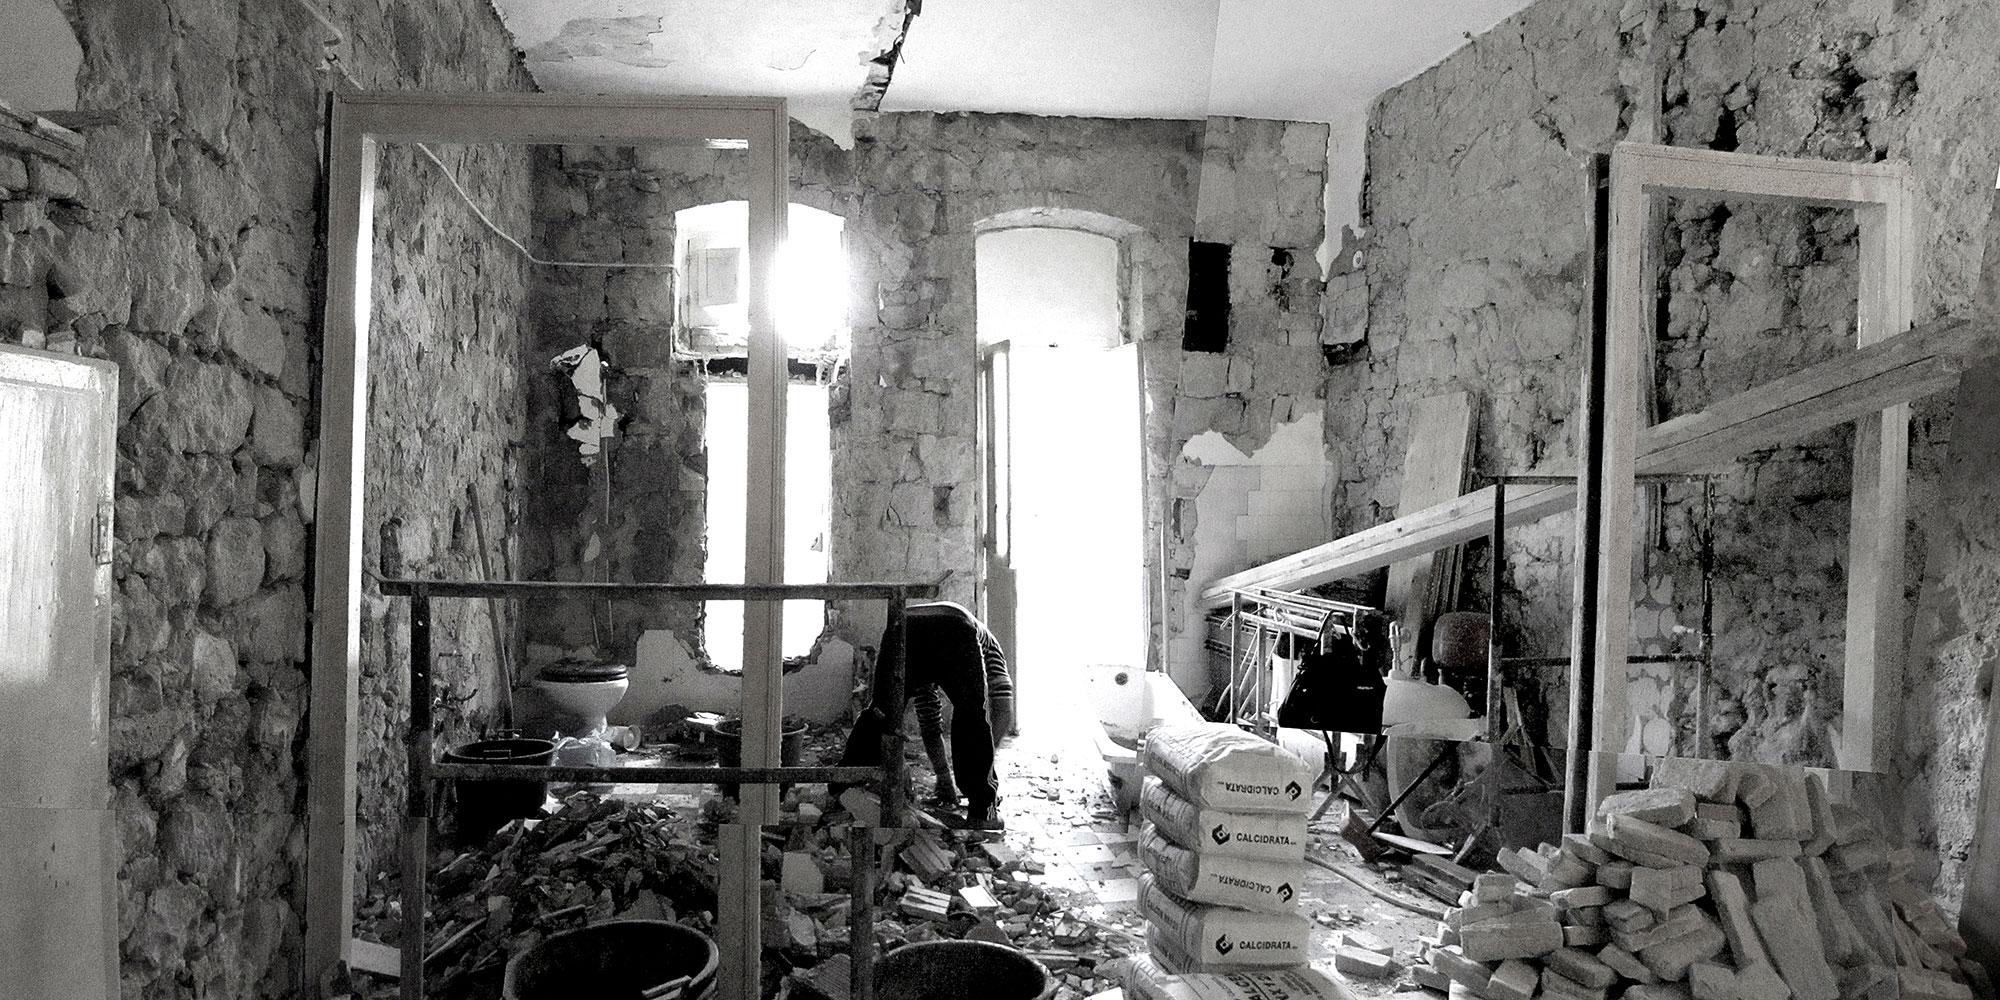 Recupero totale delle strutture e dei pavimenti originali ancora esistenti. }